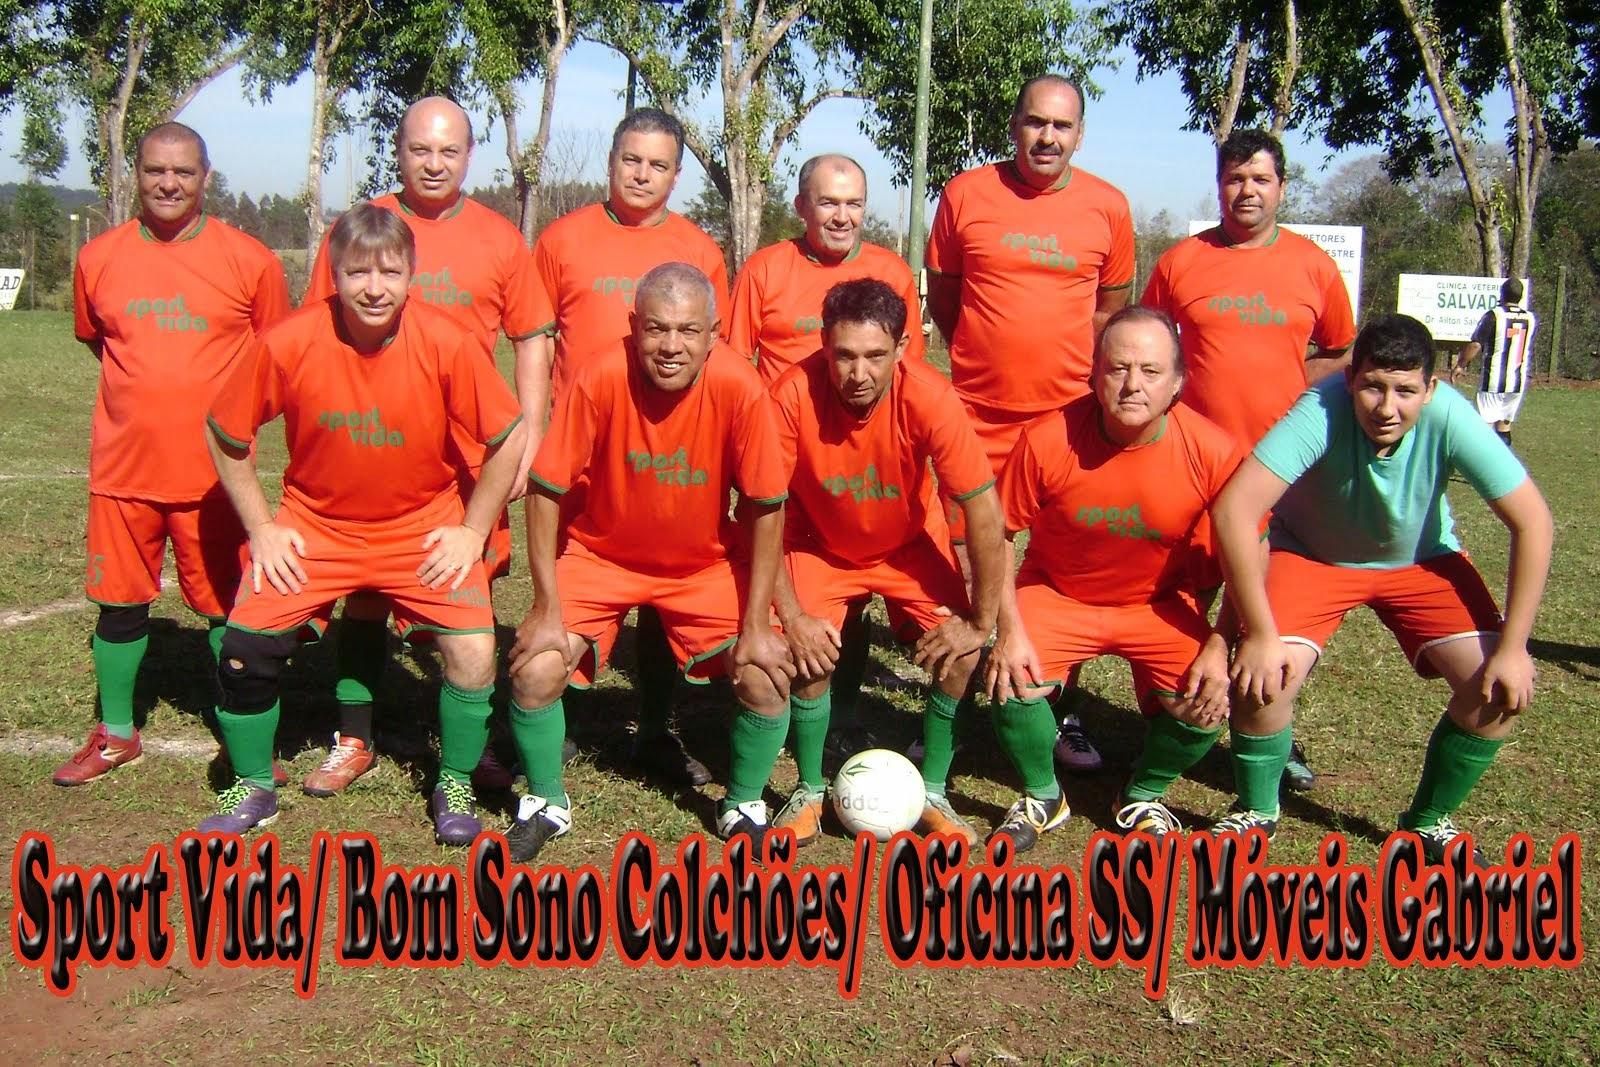 Sport Vida/ Oficina SS/Bom Sono/Mov Gabriel